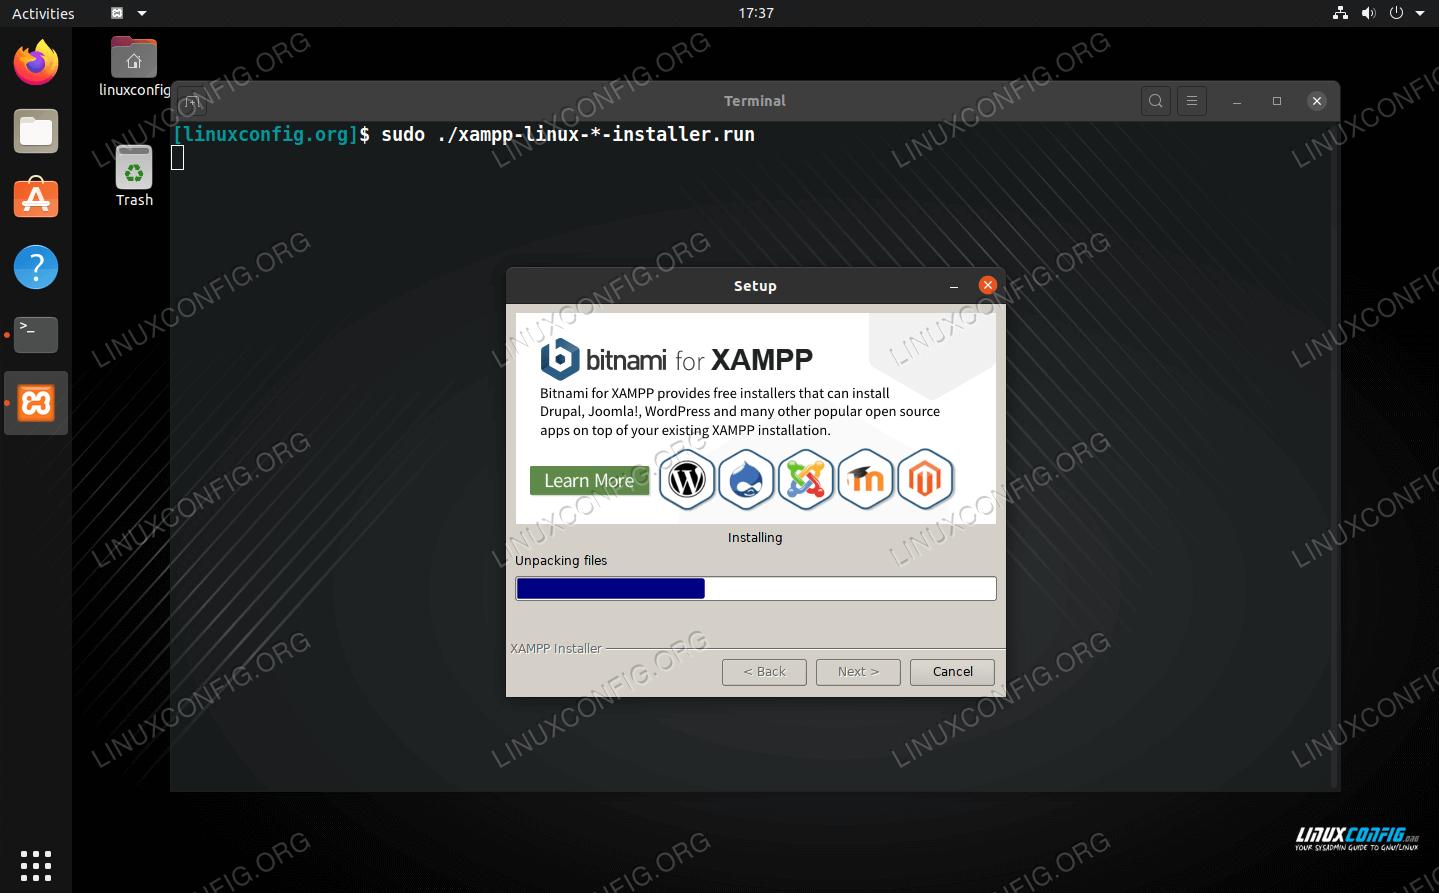 Installing XAMPP on Ubuntu Linux